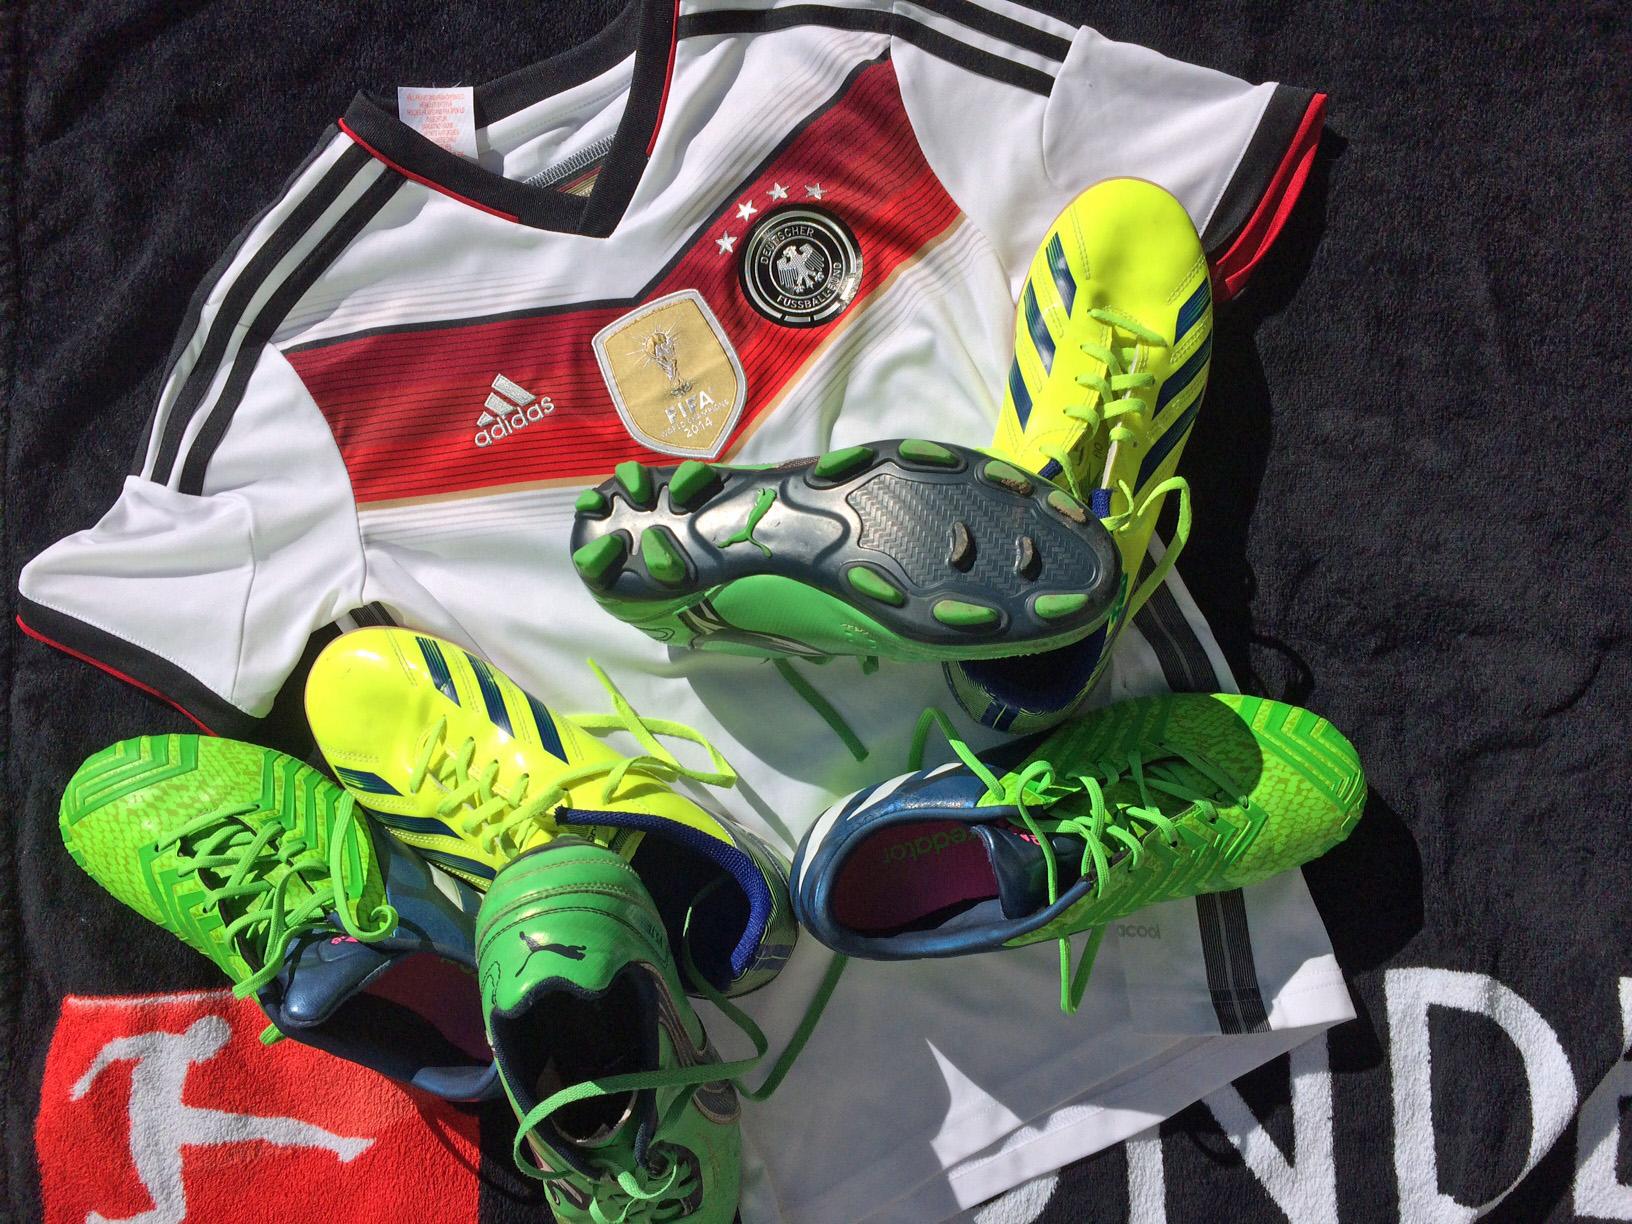 Fußballschuhe für Flüchtlinge!